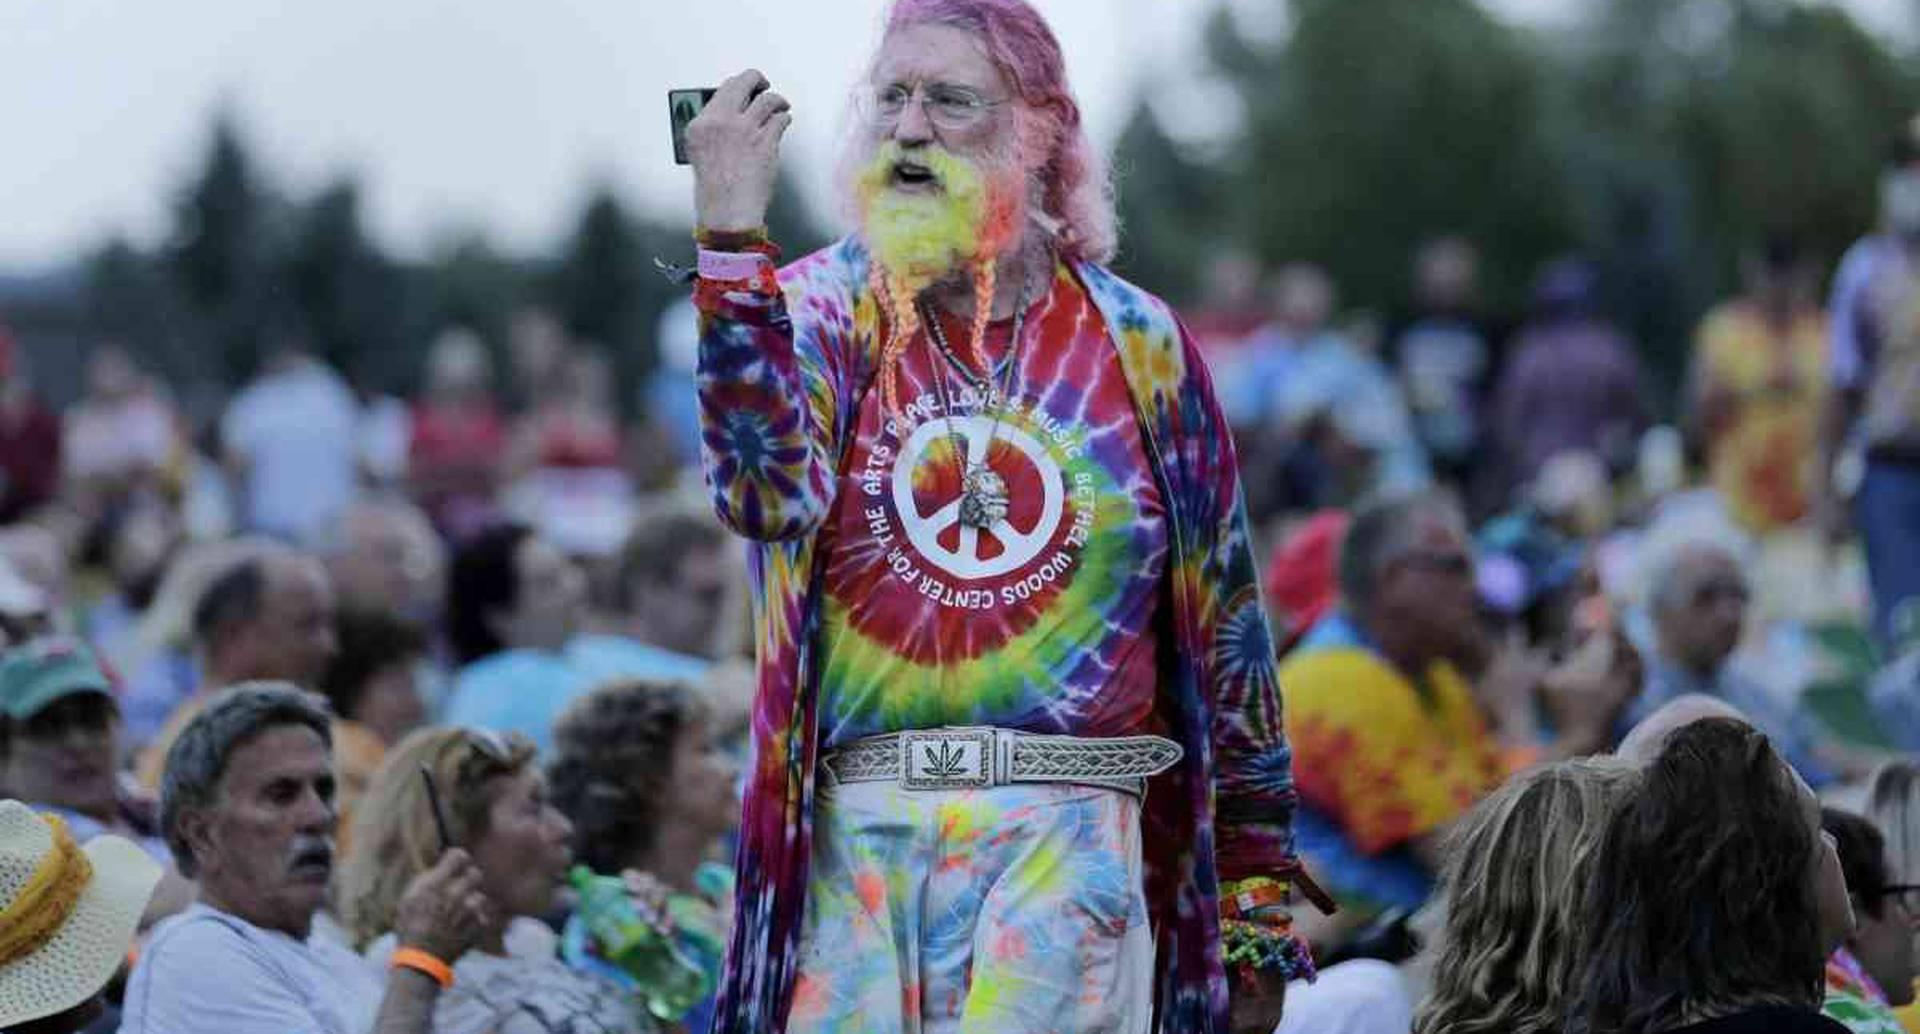 Un hombre camina entre la multitud durante un concierto de Arlo Guthrie que conmemora el 50 aniversario de Woodstock en Bethel, Nueva York, el jueves 15 de agosto de 2019. Se espera que los fanáticos de Woodstock regresen al lugar para conmemorar el 50 aniversario del festival que marcó a toda una generación. Bethel Woods Center for the Arts está organizando una serie de eventos de jueves a domingo en el bucólico sitio de los conciertos de 1969, 130 kilómetros al noroeste de la ciudad de Nueva York. (Foto AP / Seth Wenig)